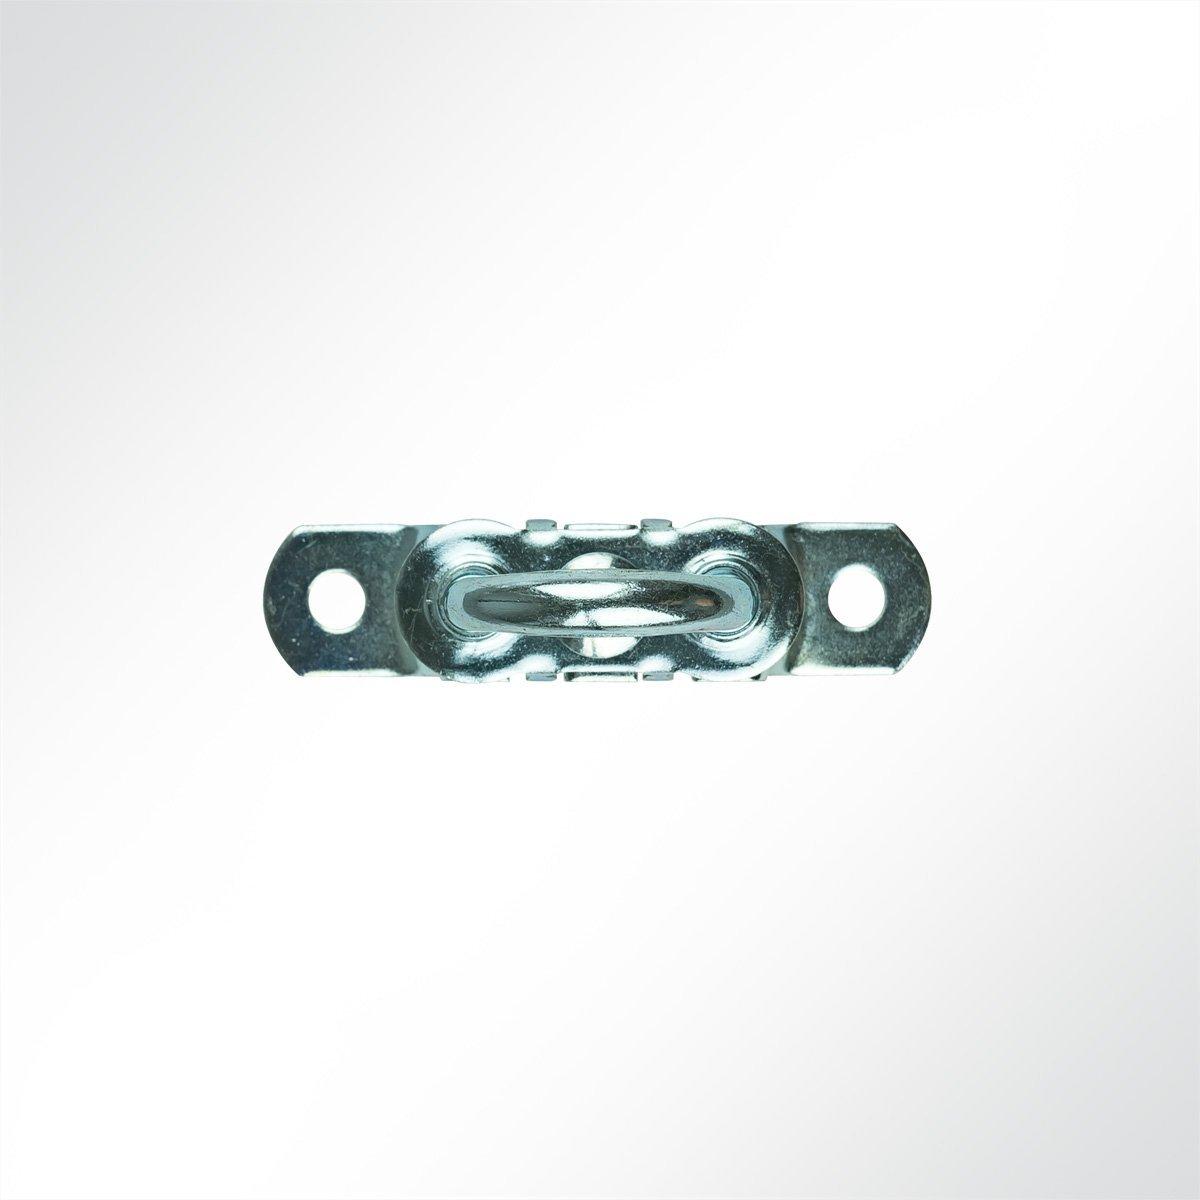 15x20x66mm in grau 1 St/ück BxHxL LYSEL Gro/ßer Drehverschluss TIR verzinkt,